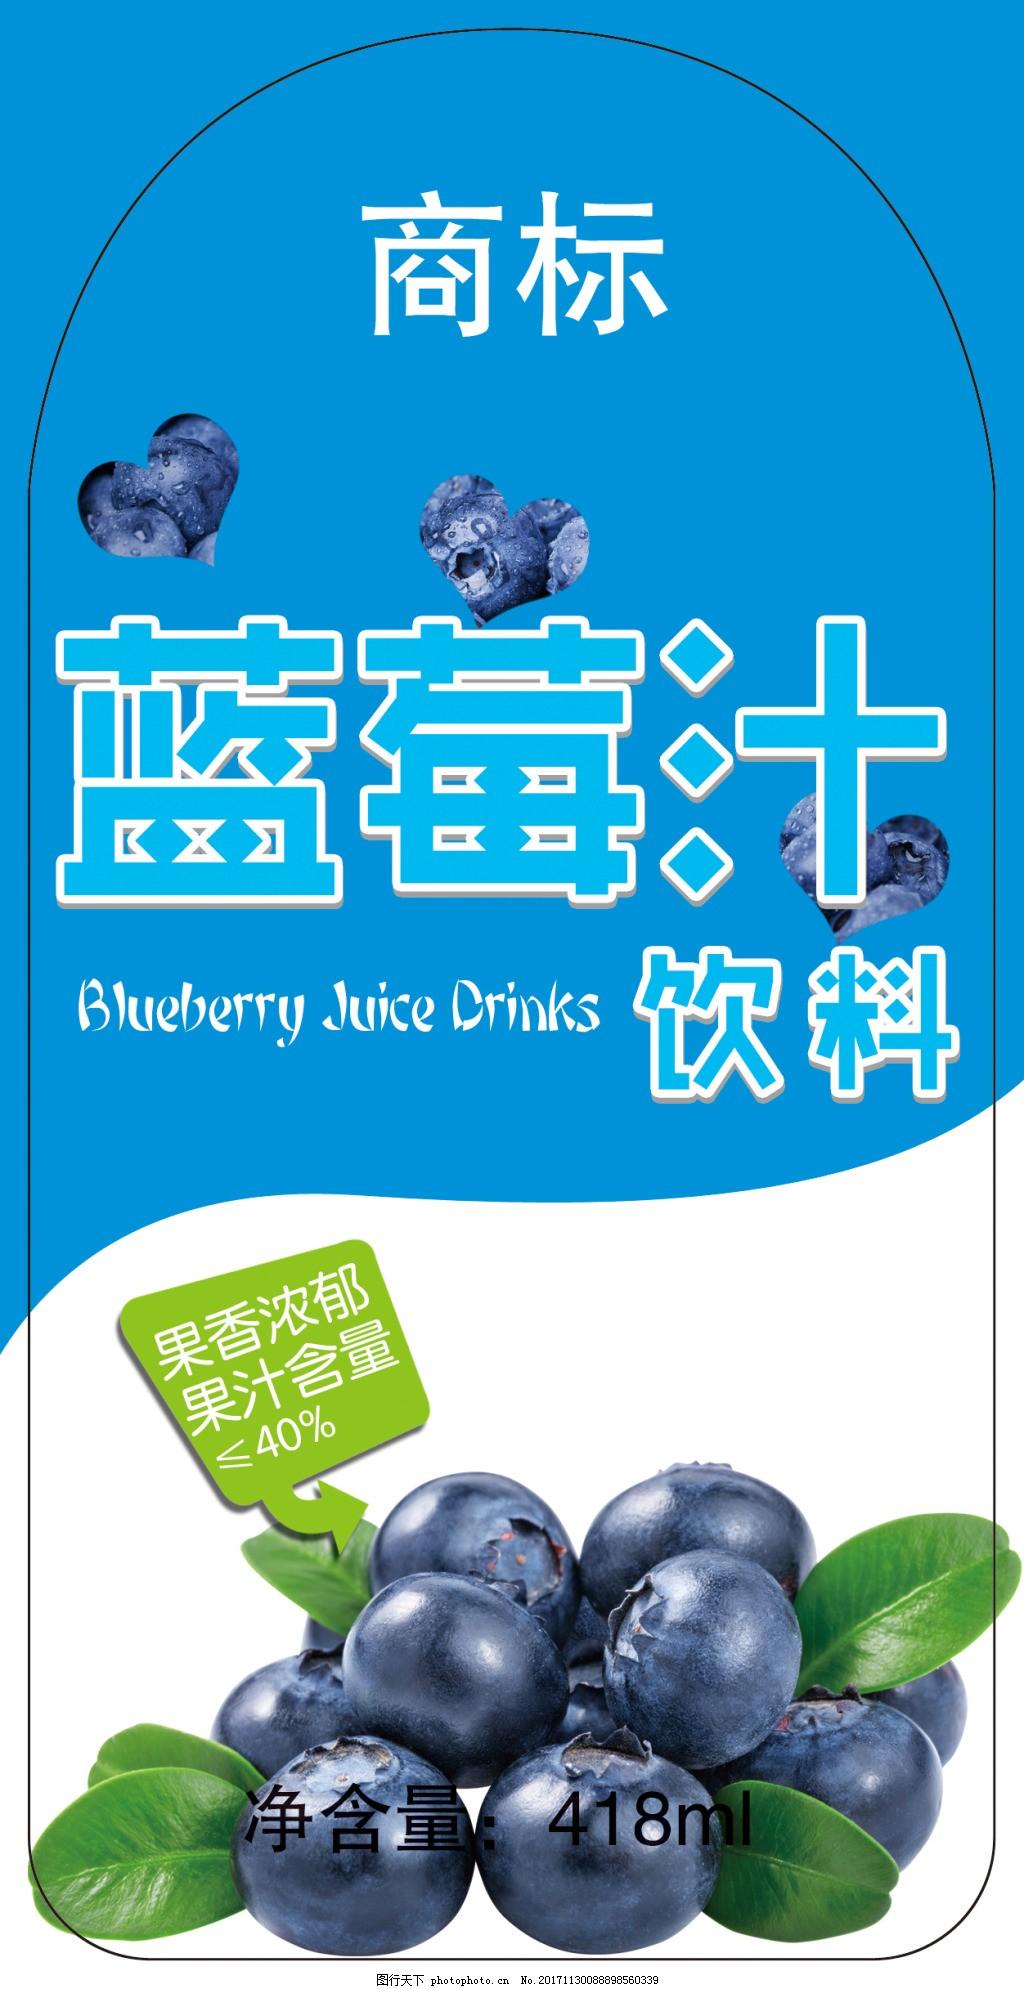 蓝莓汁饮料标签psd模板 蓝莓素材 蓝色